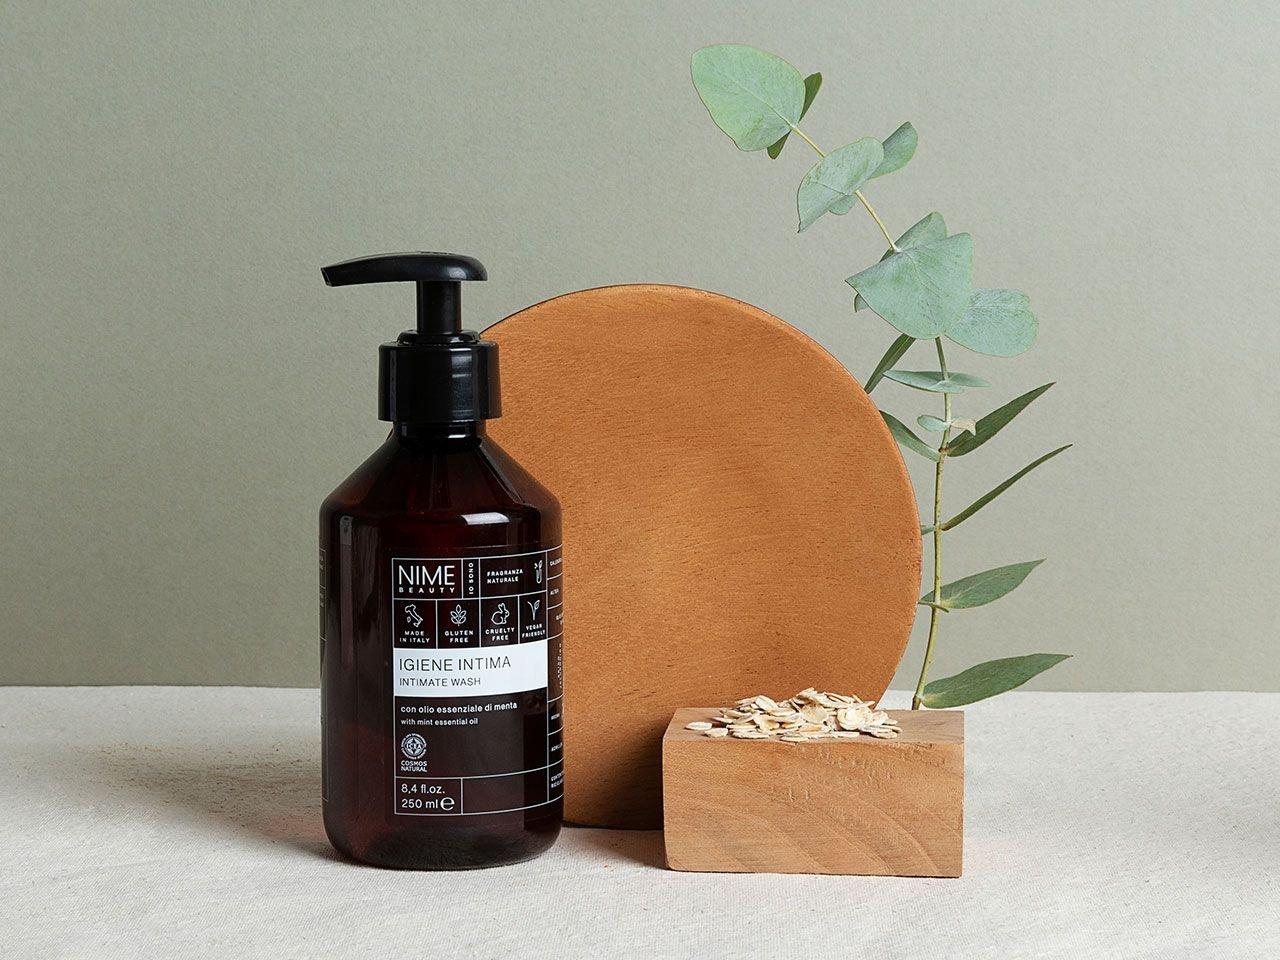 Igiene Intima con olio essenziale di menta - v4